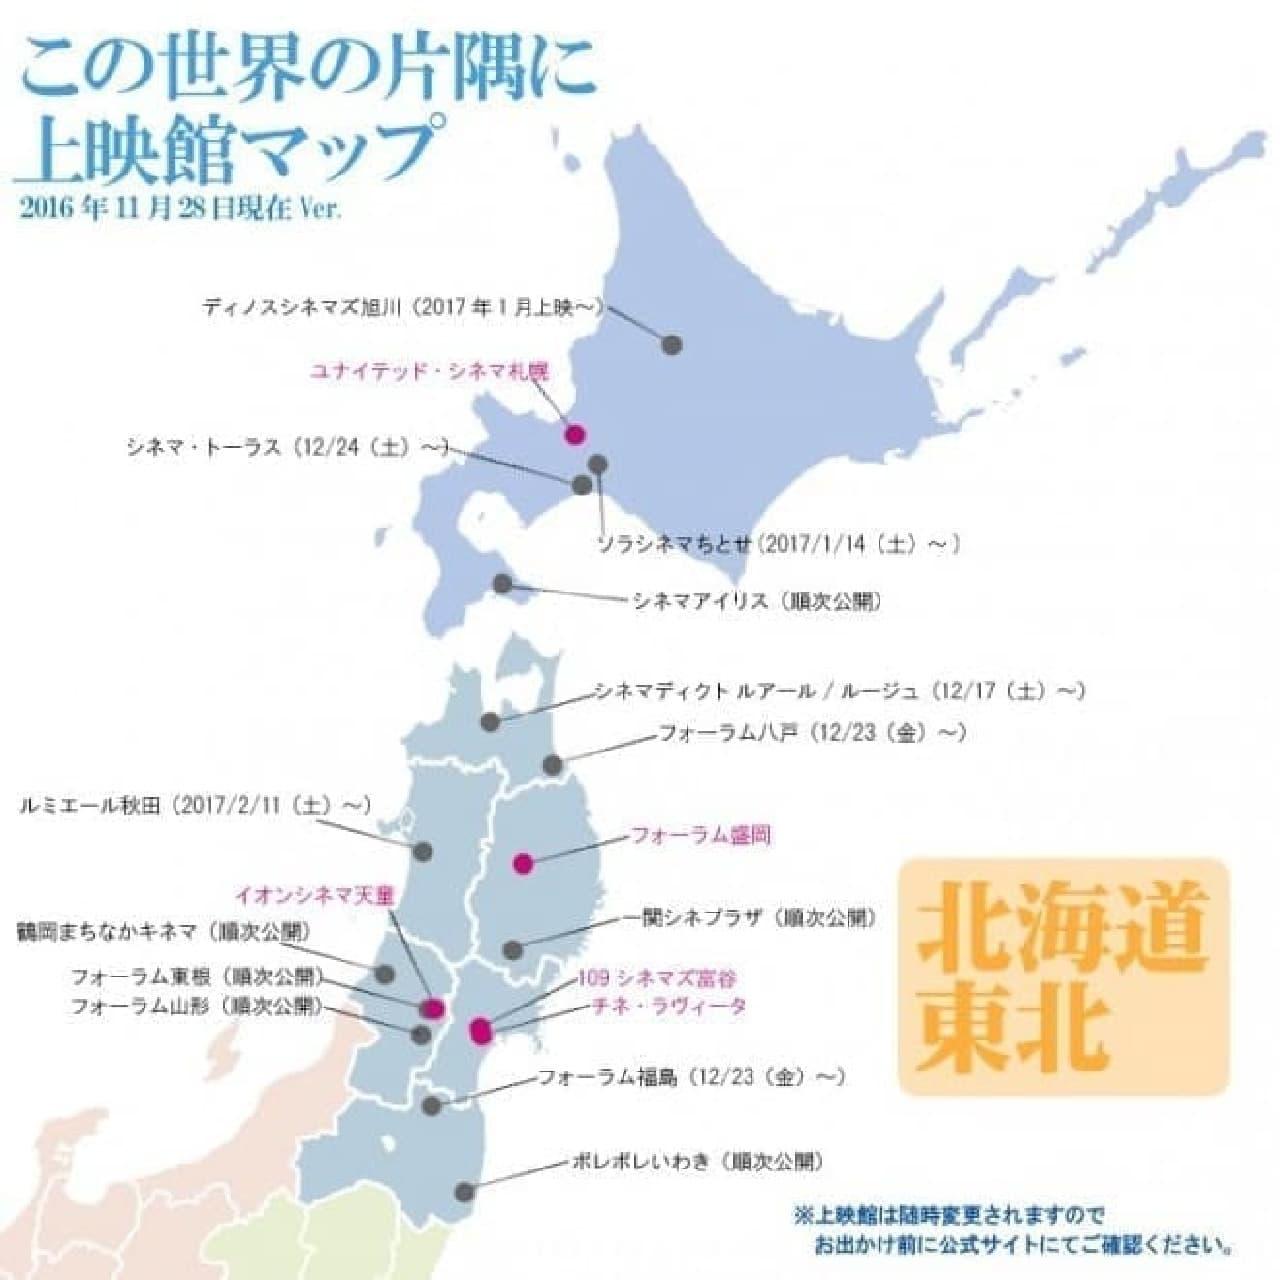 上映館マップ北日本